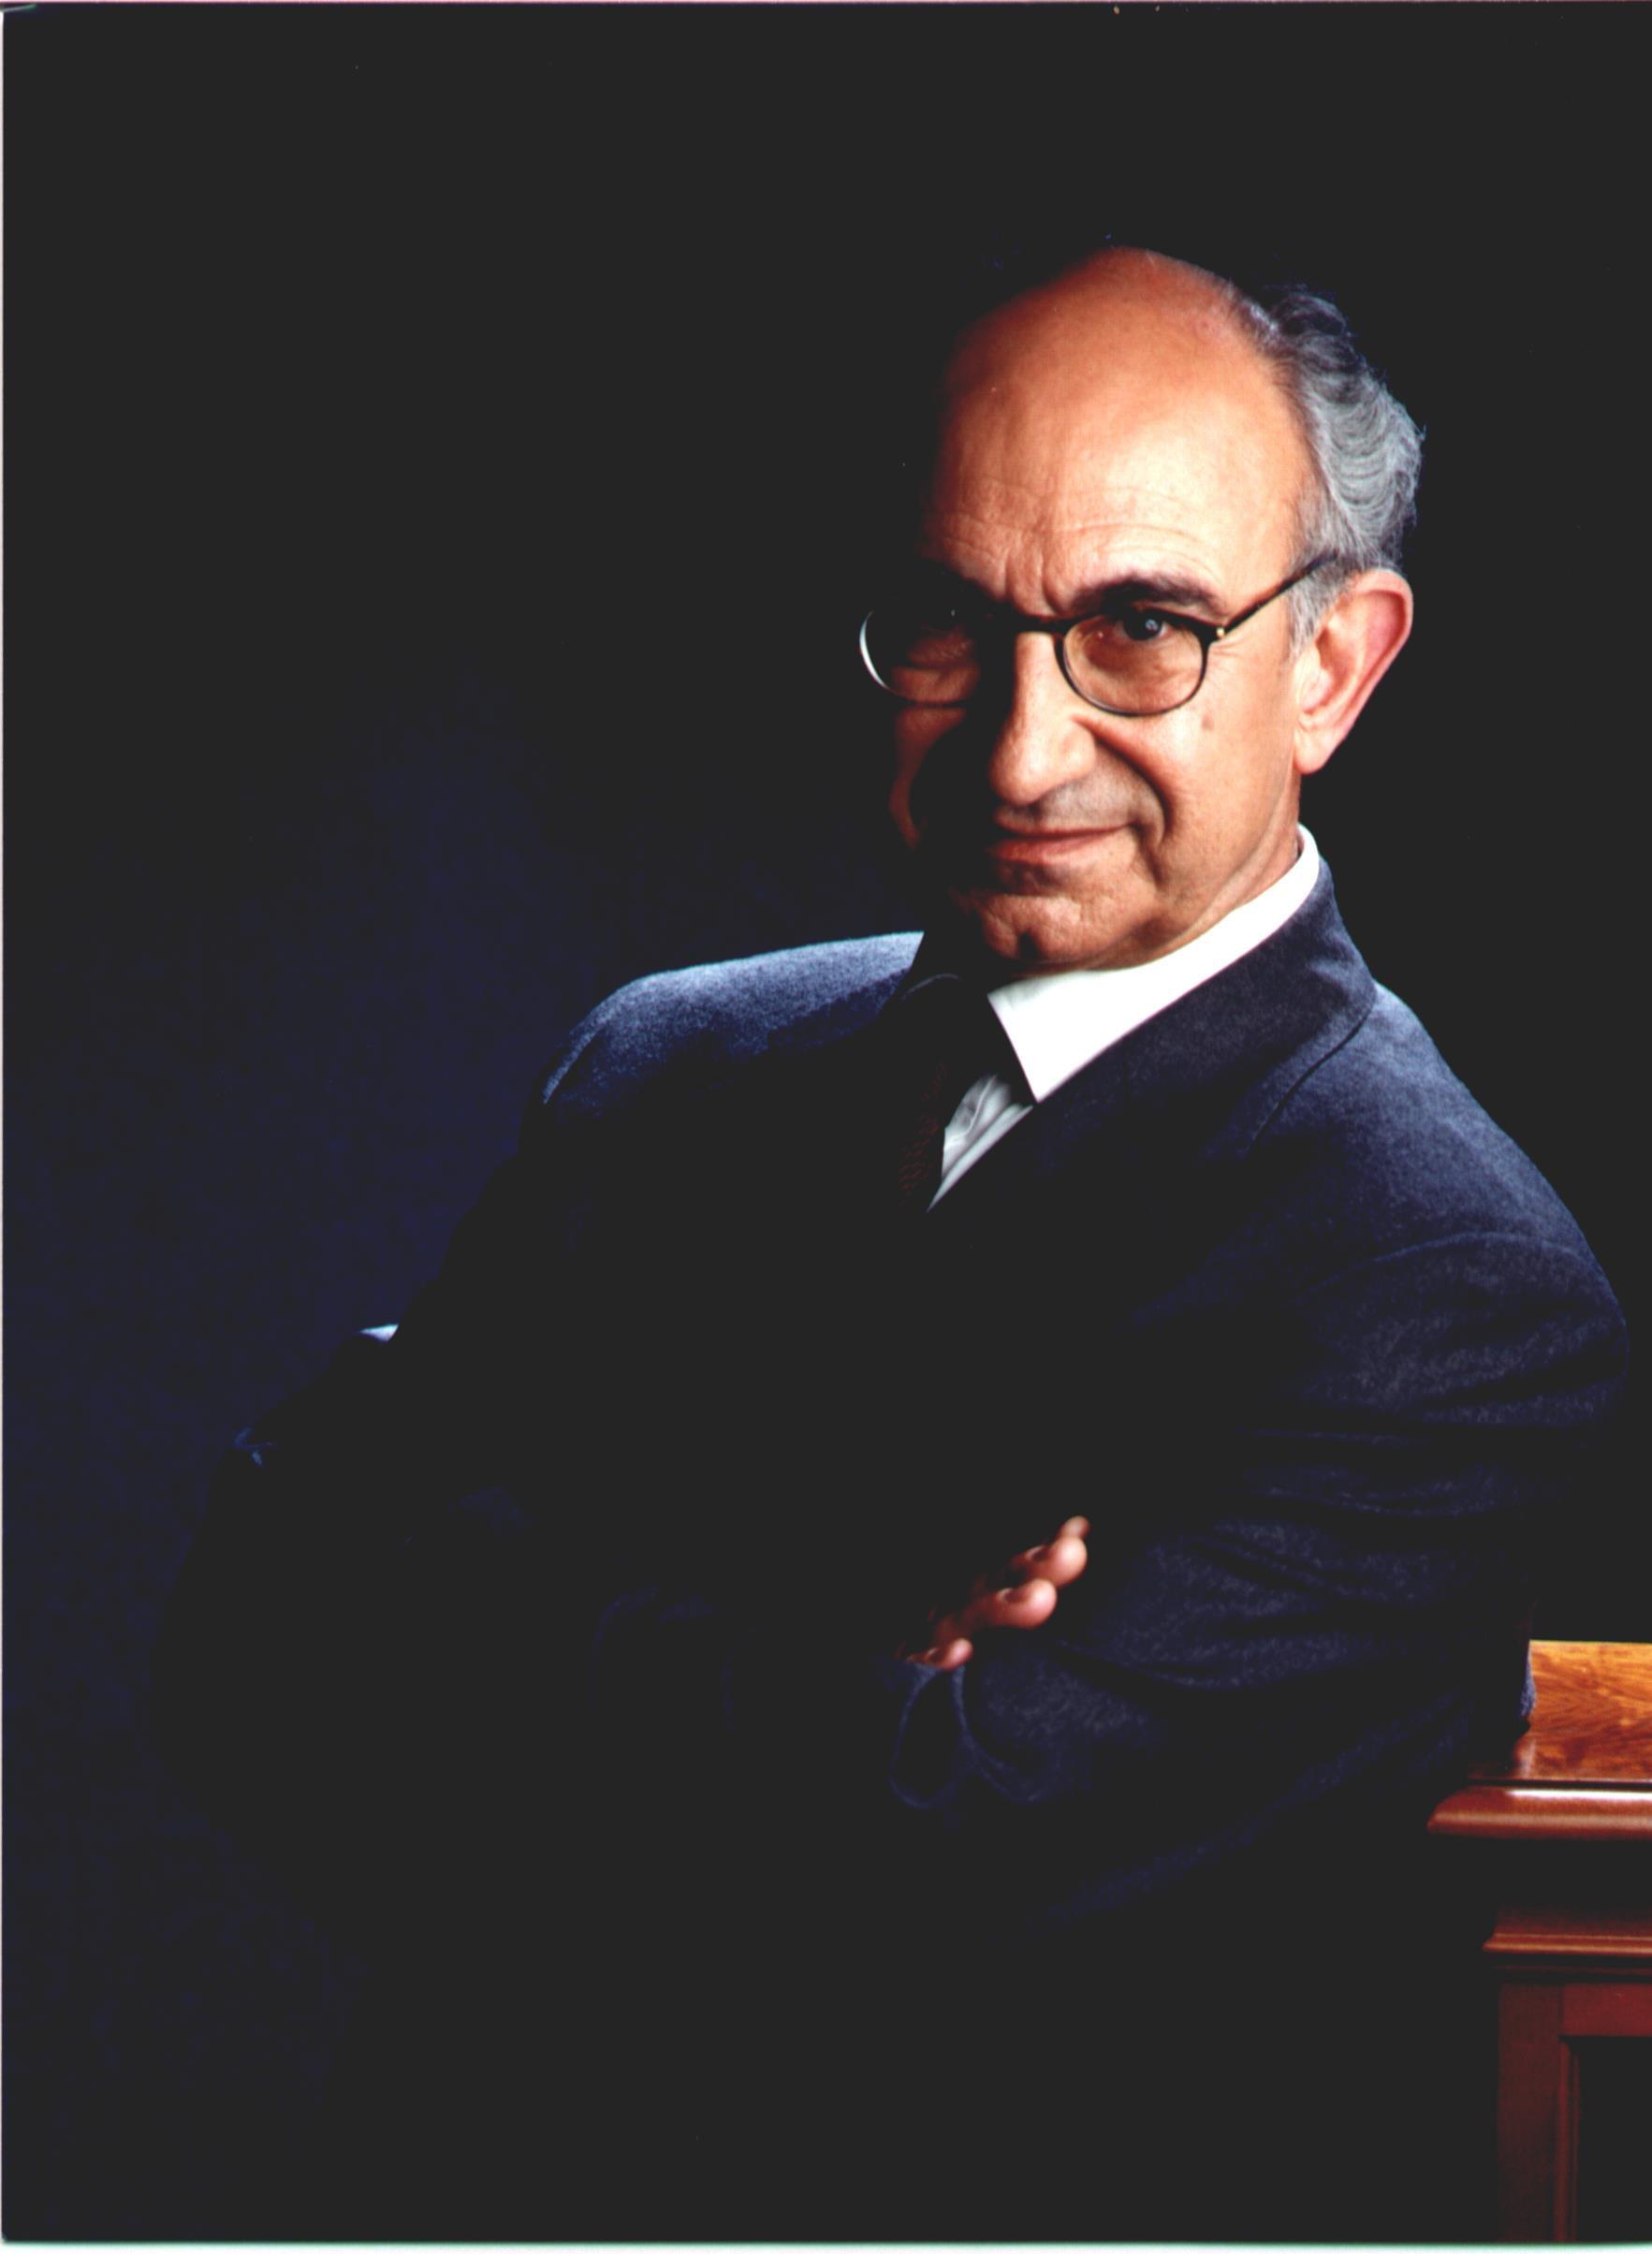 Sr. Oriol Badia Tobella